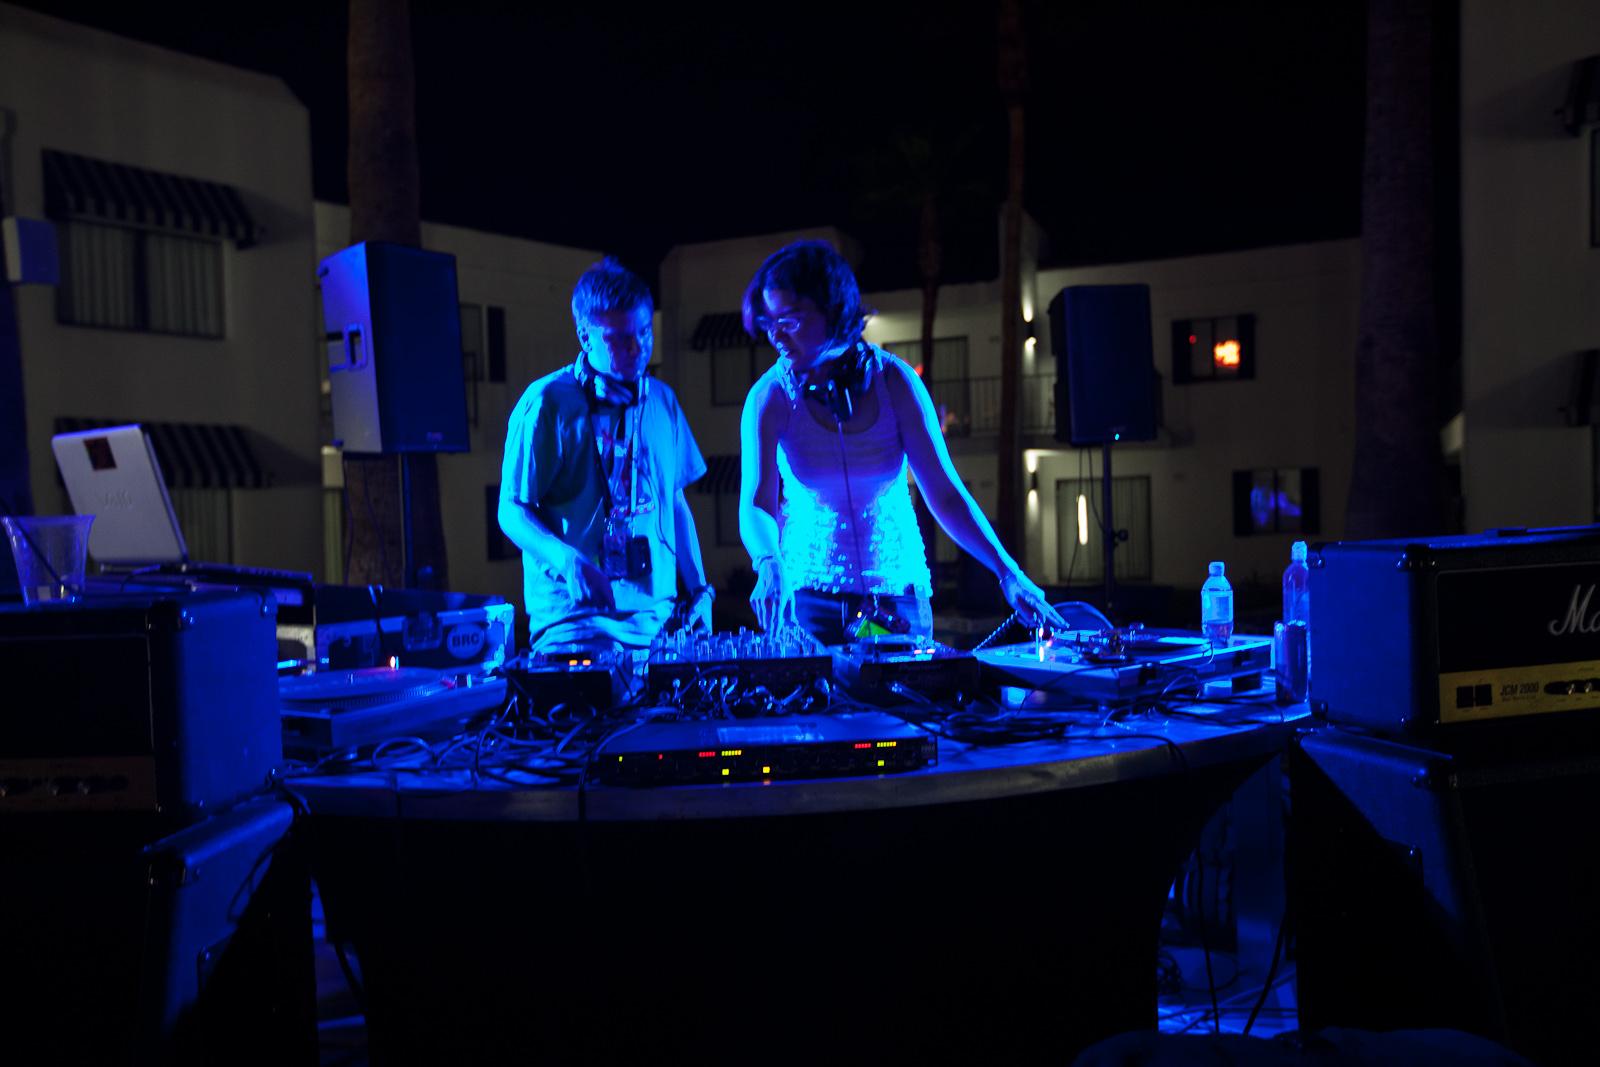 TProphet DJ photo